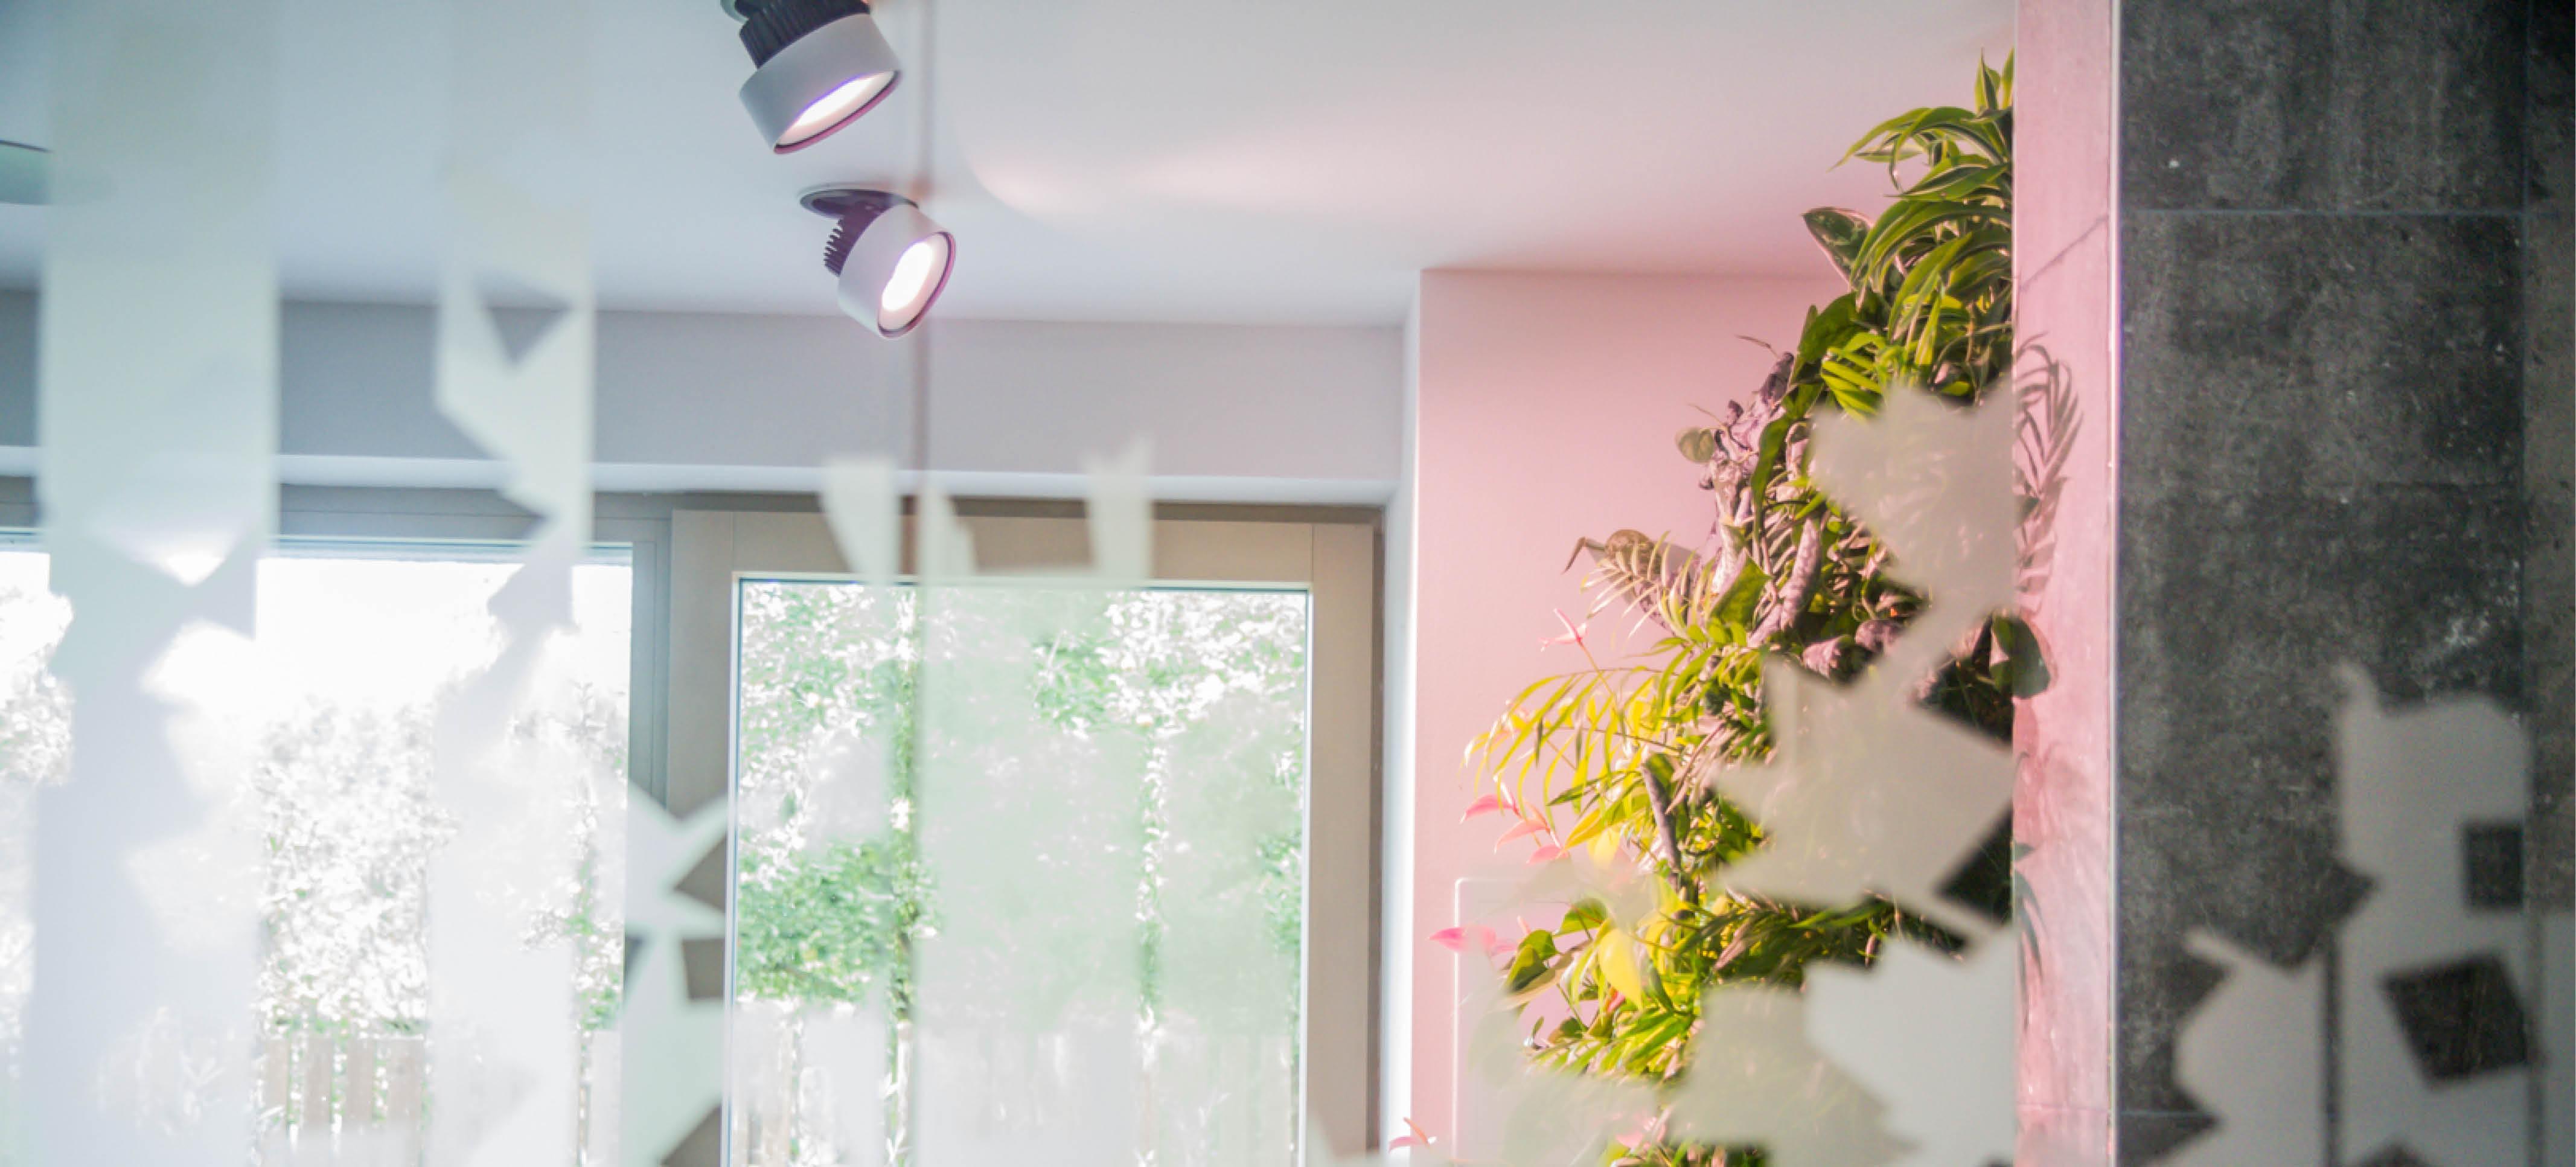 interiér inspirovaný přírodou